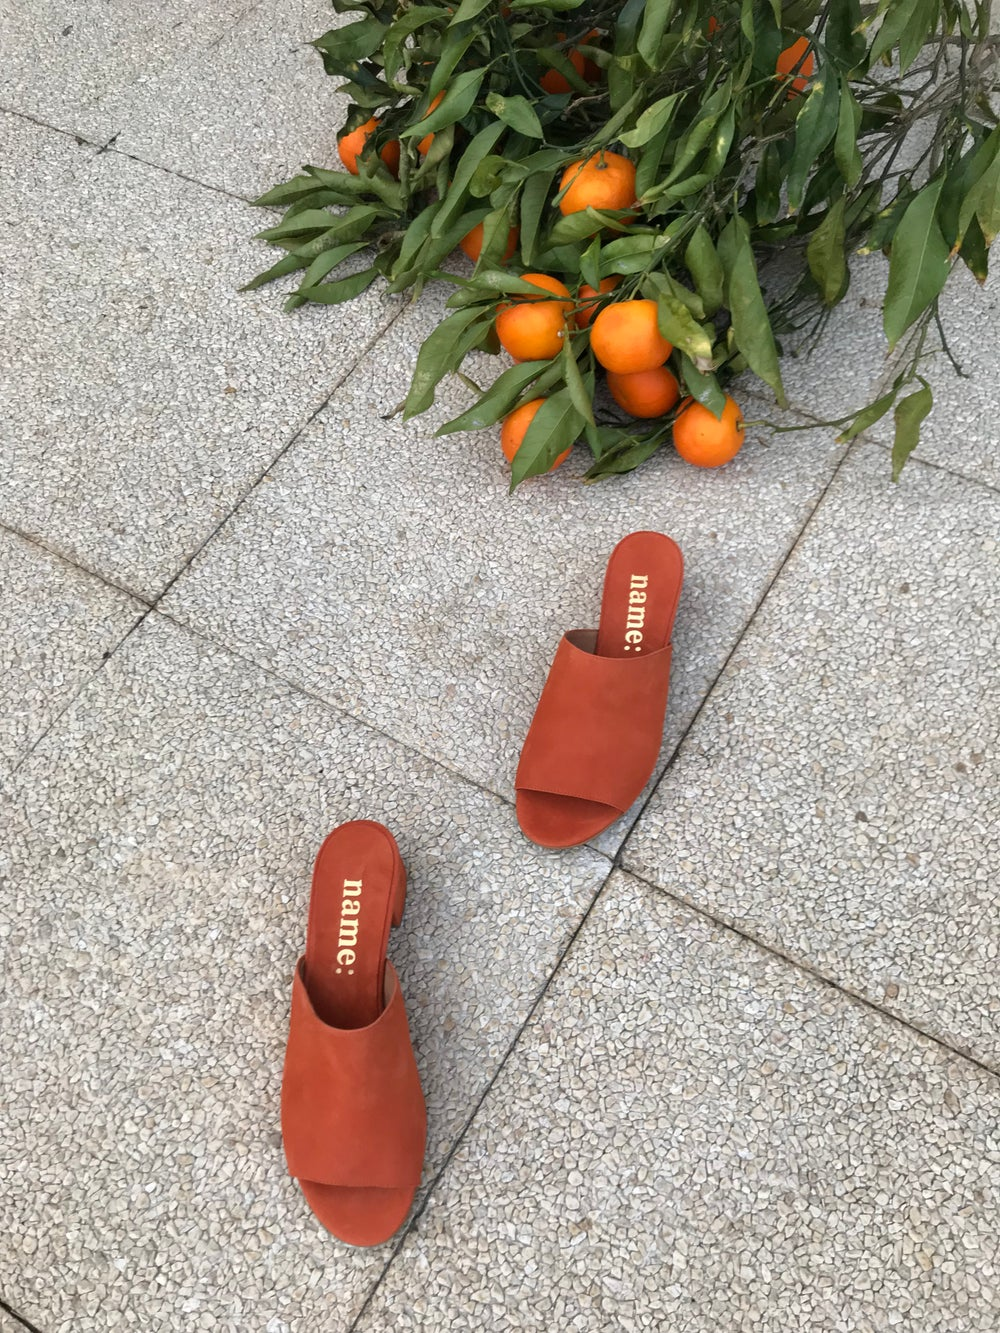 Image of Rita sandals